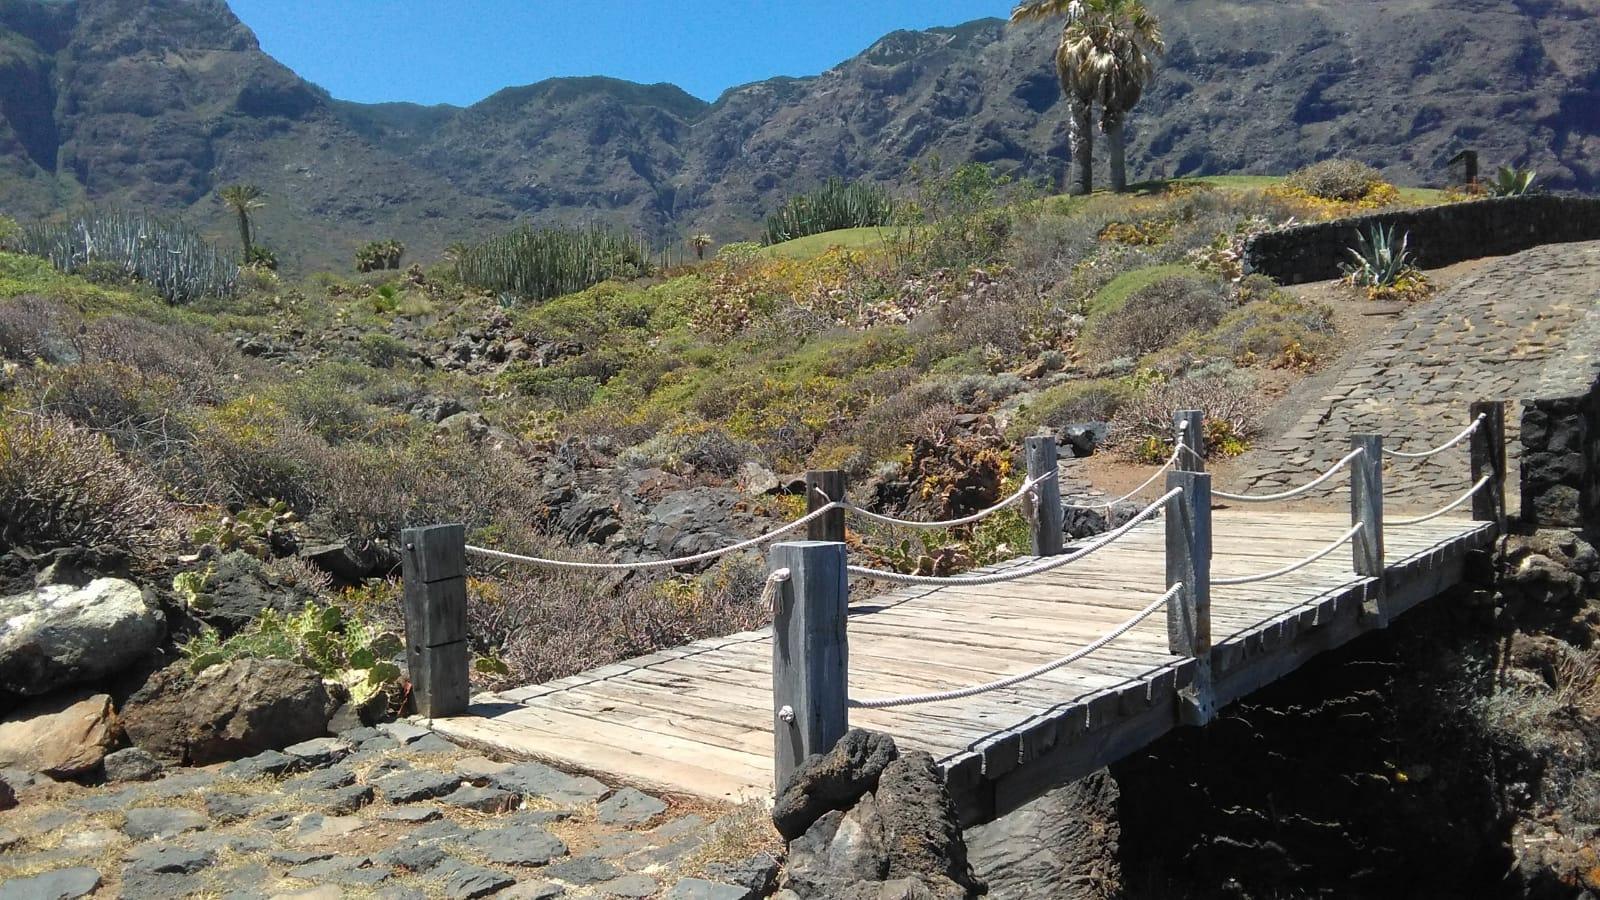 Puente sobre el sendero en Buenavista del Norte con los volcanes de Teno al fondo